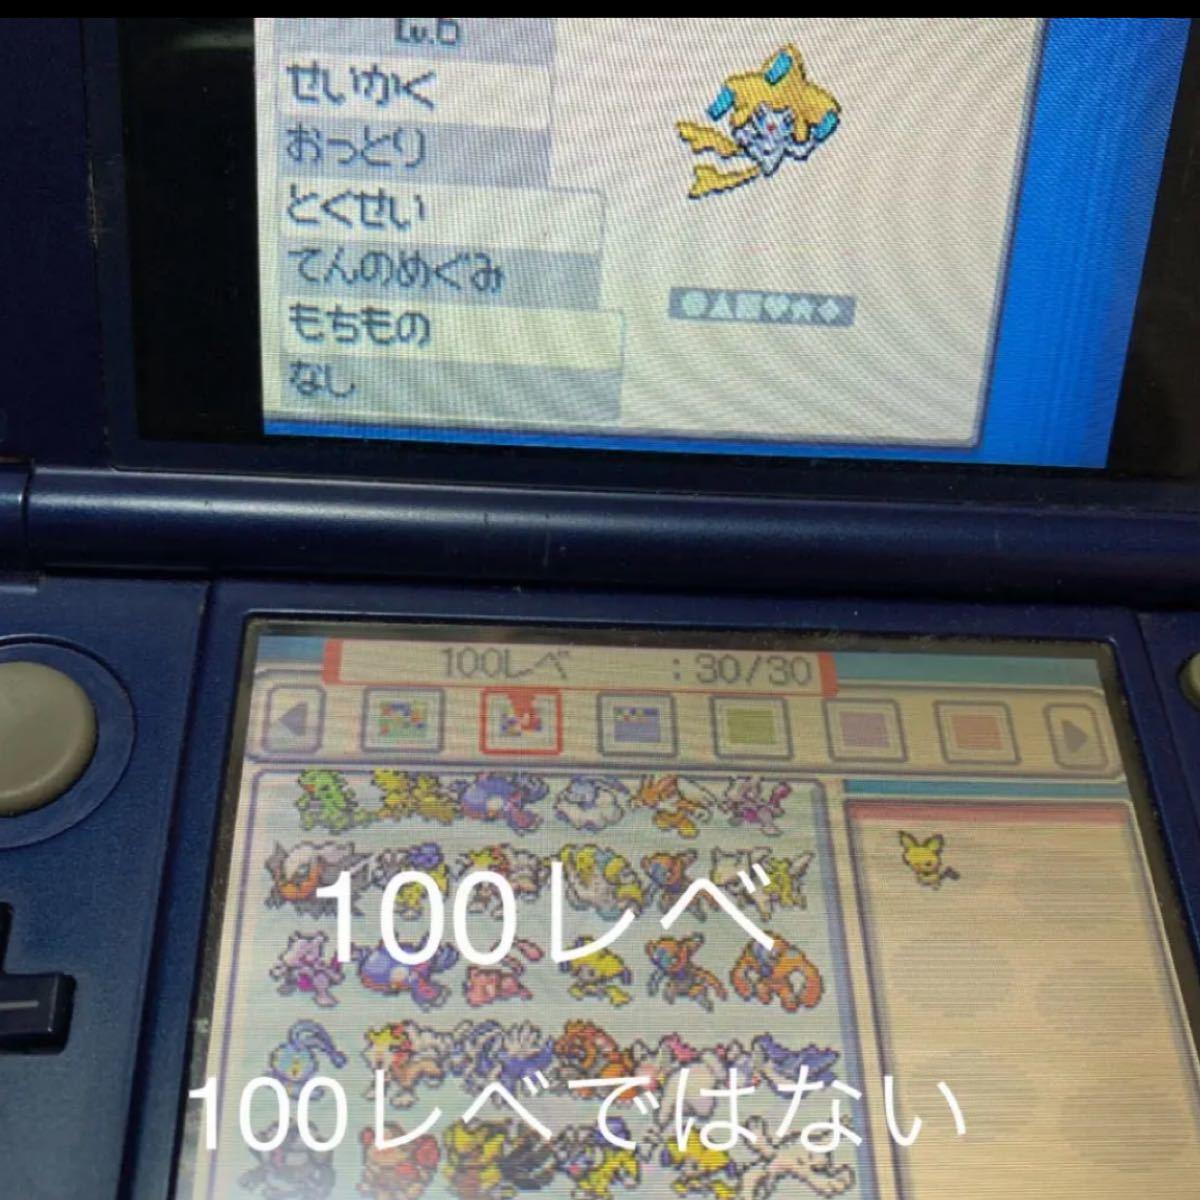 任天堂3ds ソウルシルバー ポケットモンスターy ポケットモンスターサン ポケモンスクランブル  ニンテンドー3DS